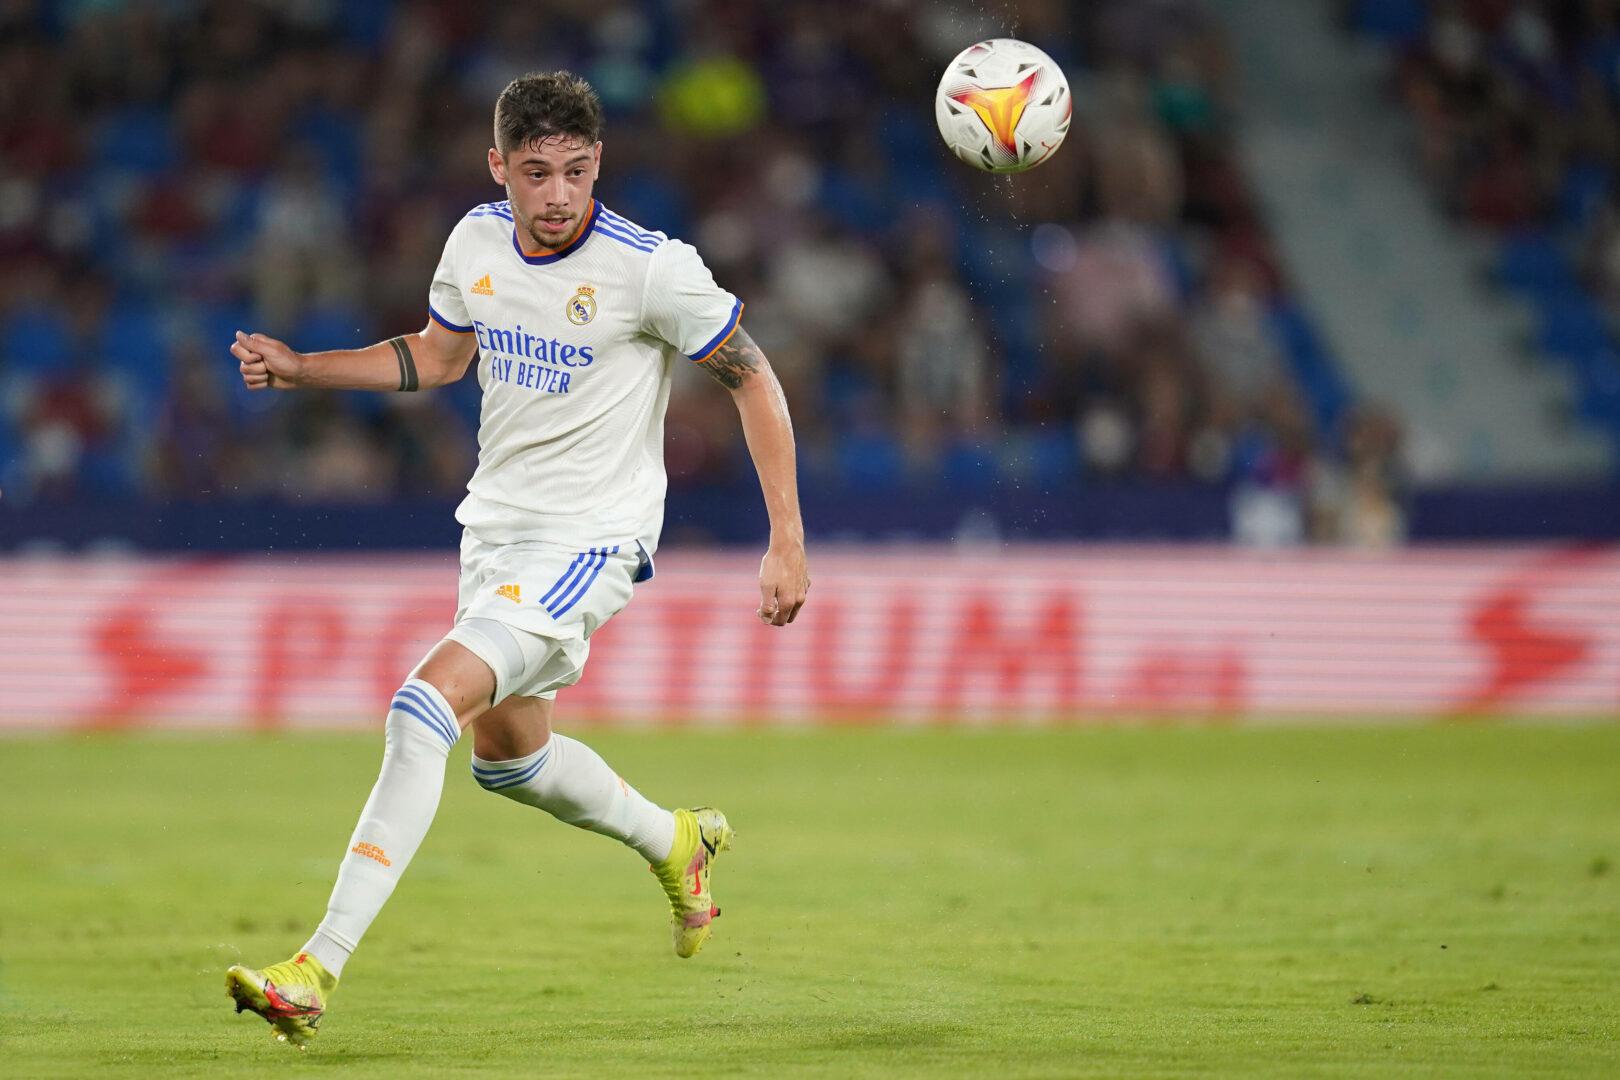 Real Madrid bestätigt: Fede Valverde verlängert Vertrag langfristig!